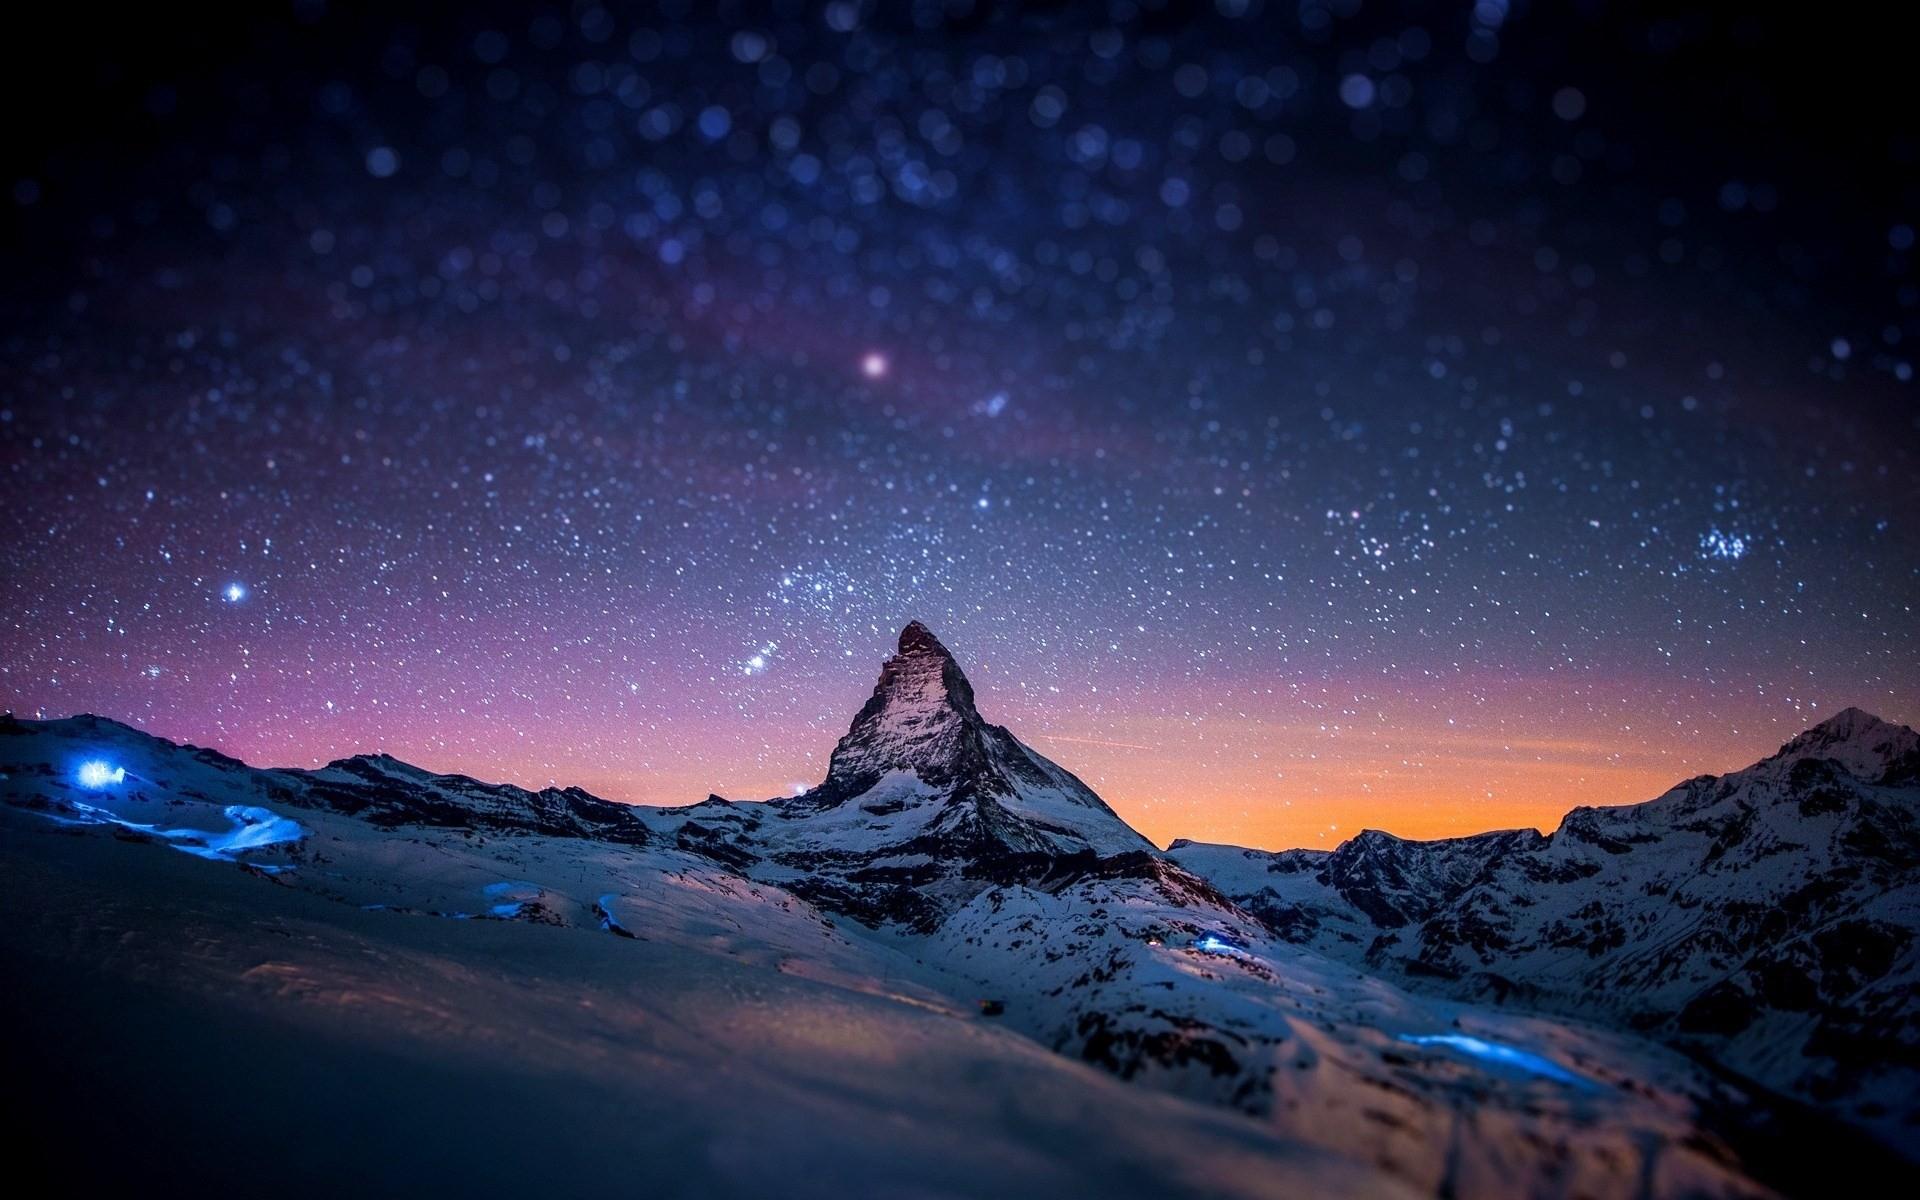 starry night sky desktop wallpaper 74 images